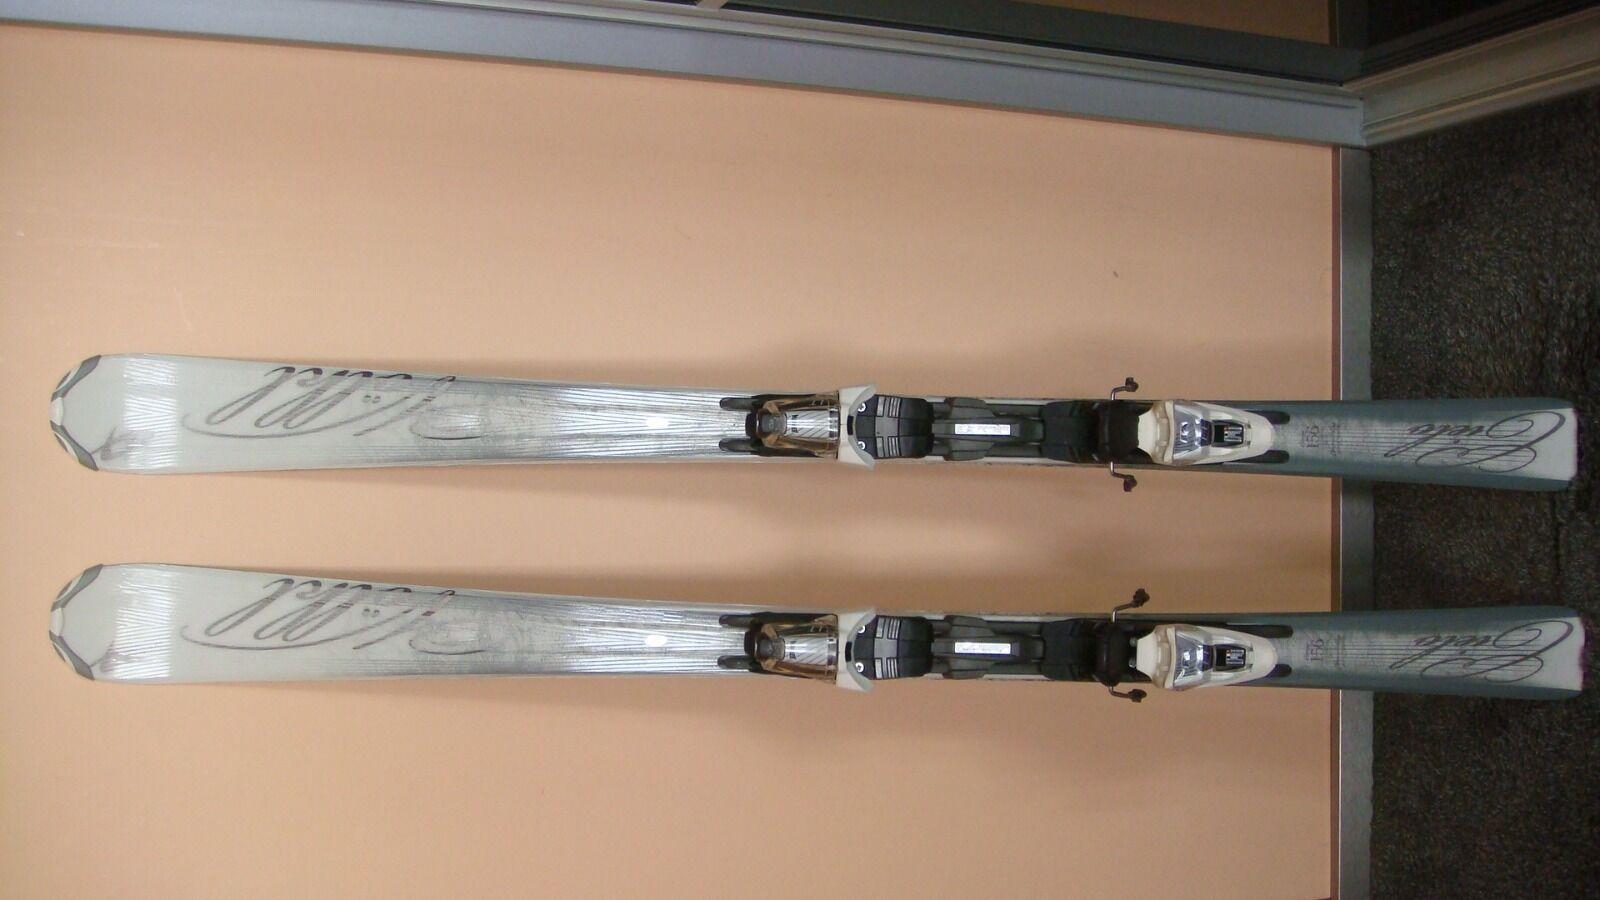 Völkl Attiva Cielo 156 cm Ski Damen Weiß/Silber Weiß/Silber Weiß/Silber + Bindung Marker LT10 437b20